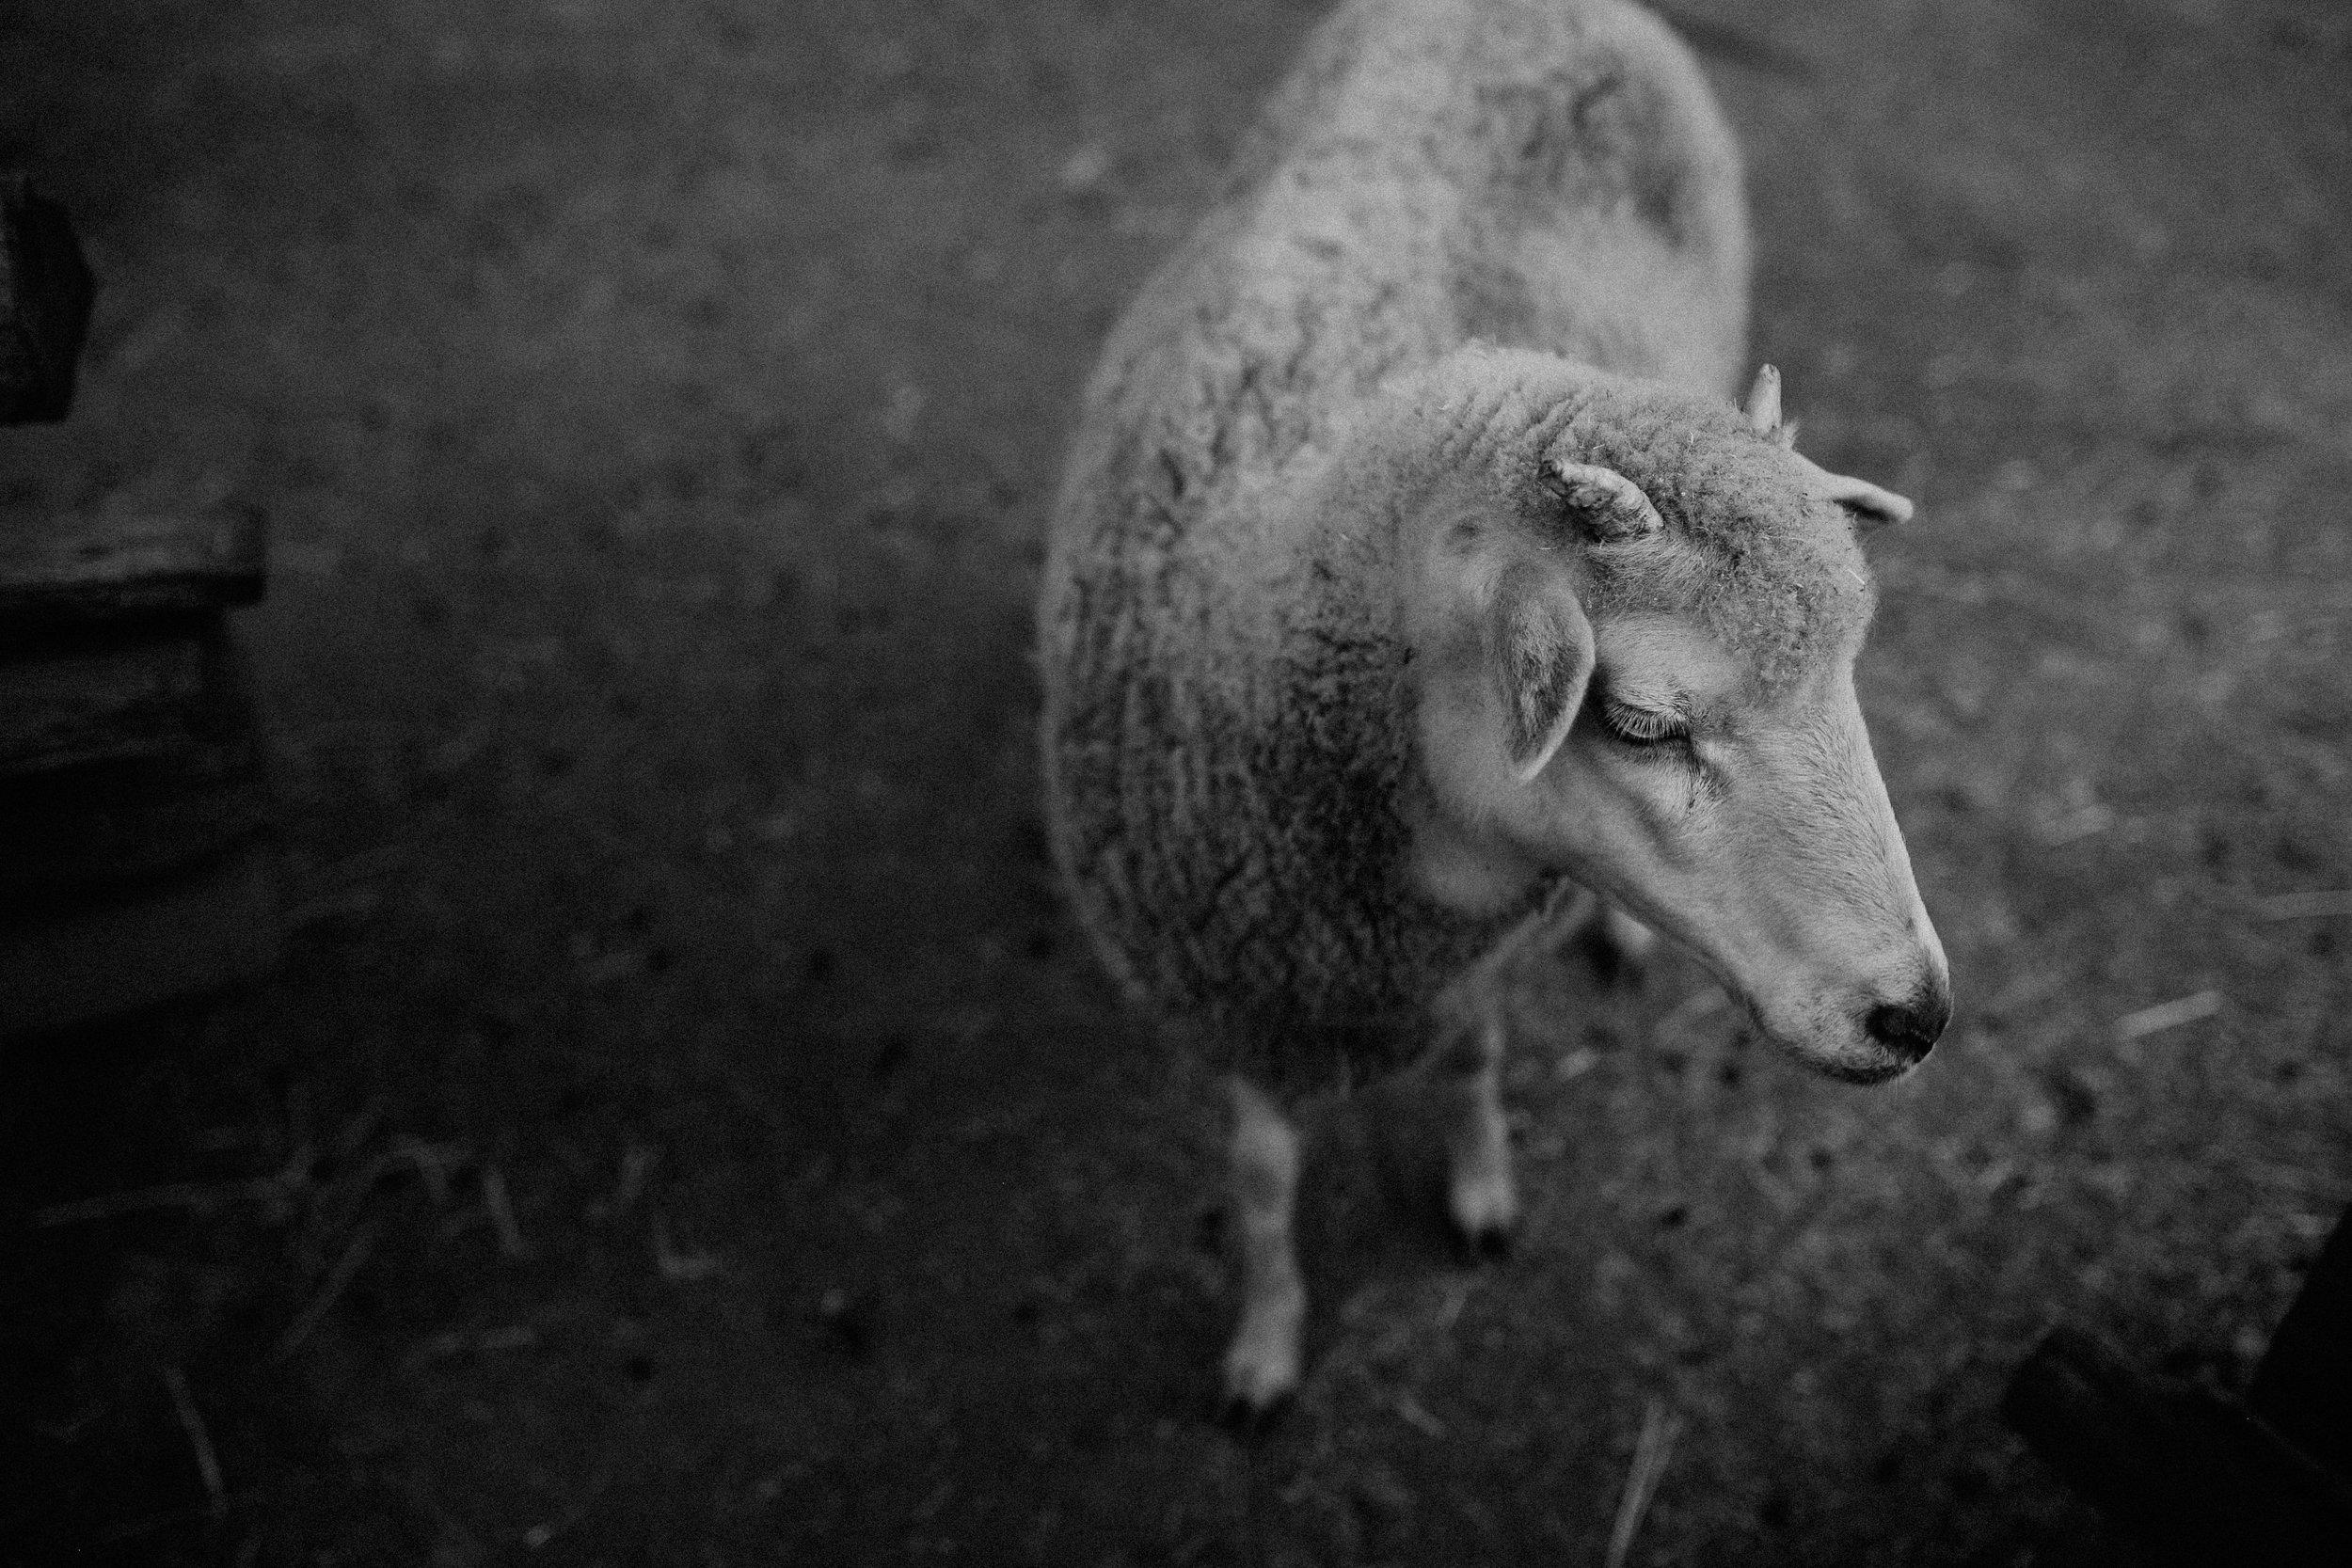 sheep-5056.jpg